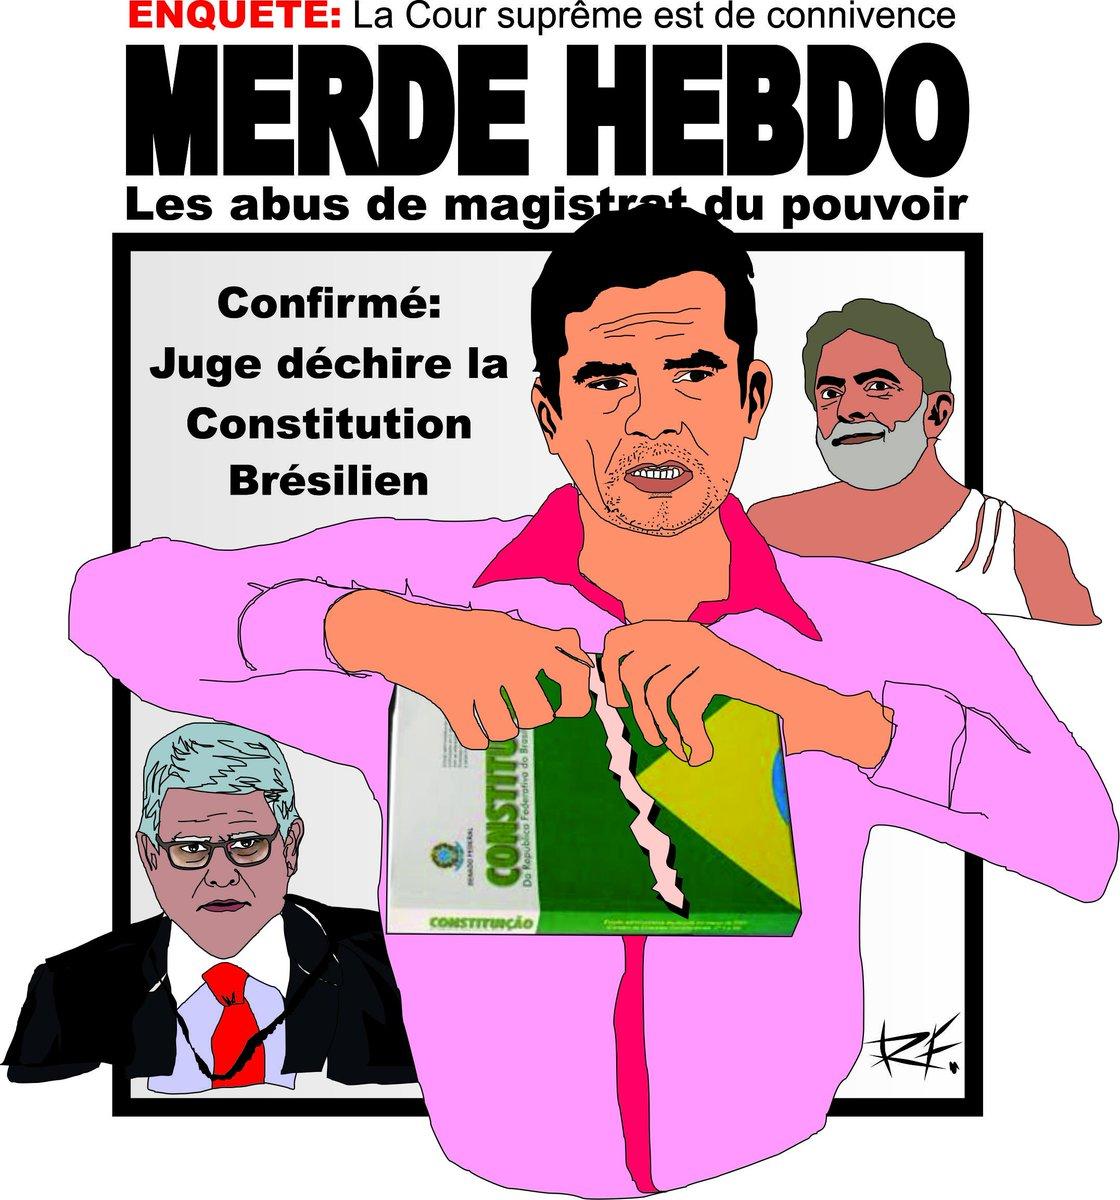 @fernandocabral @midiacrucis Justiçaria, estão rasgando a Constituição. https://t.co/QvRCxVeCBb https://t.co/2pnqymBae0